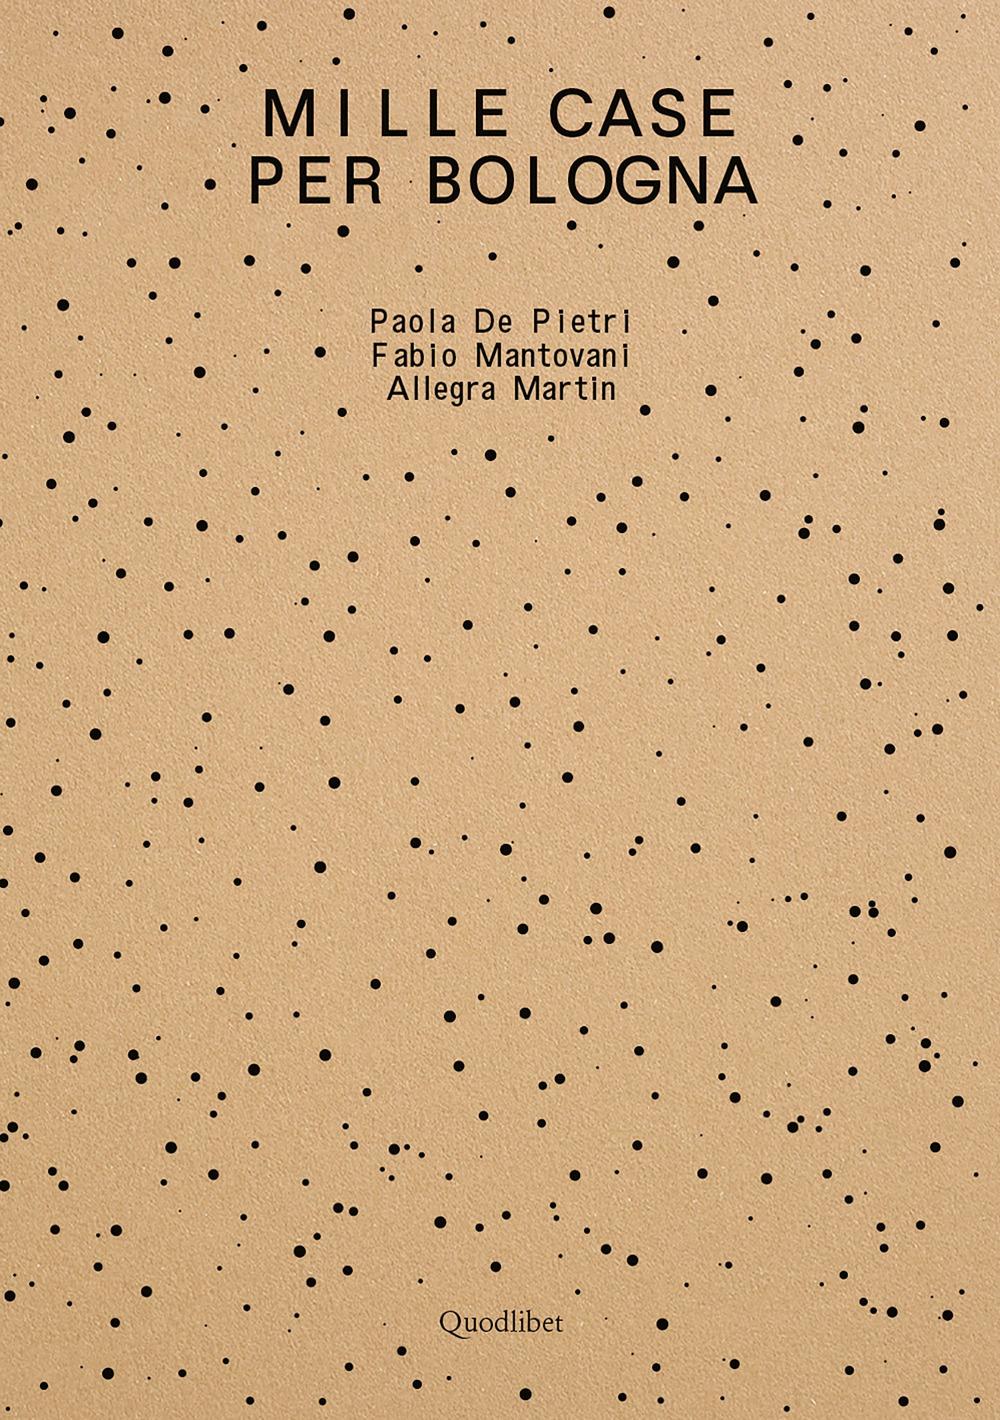 MILLE CASE PER BOLOGNA - De Pietri Paola; Mantovani Fabio; Martin Allegra - 9788822905888